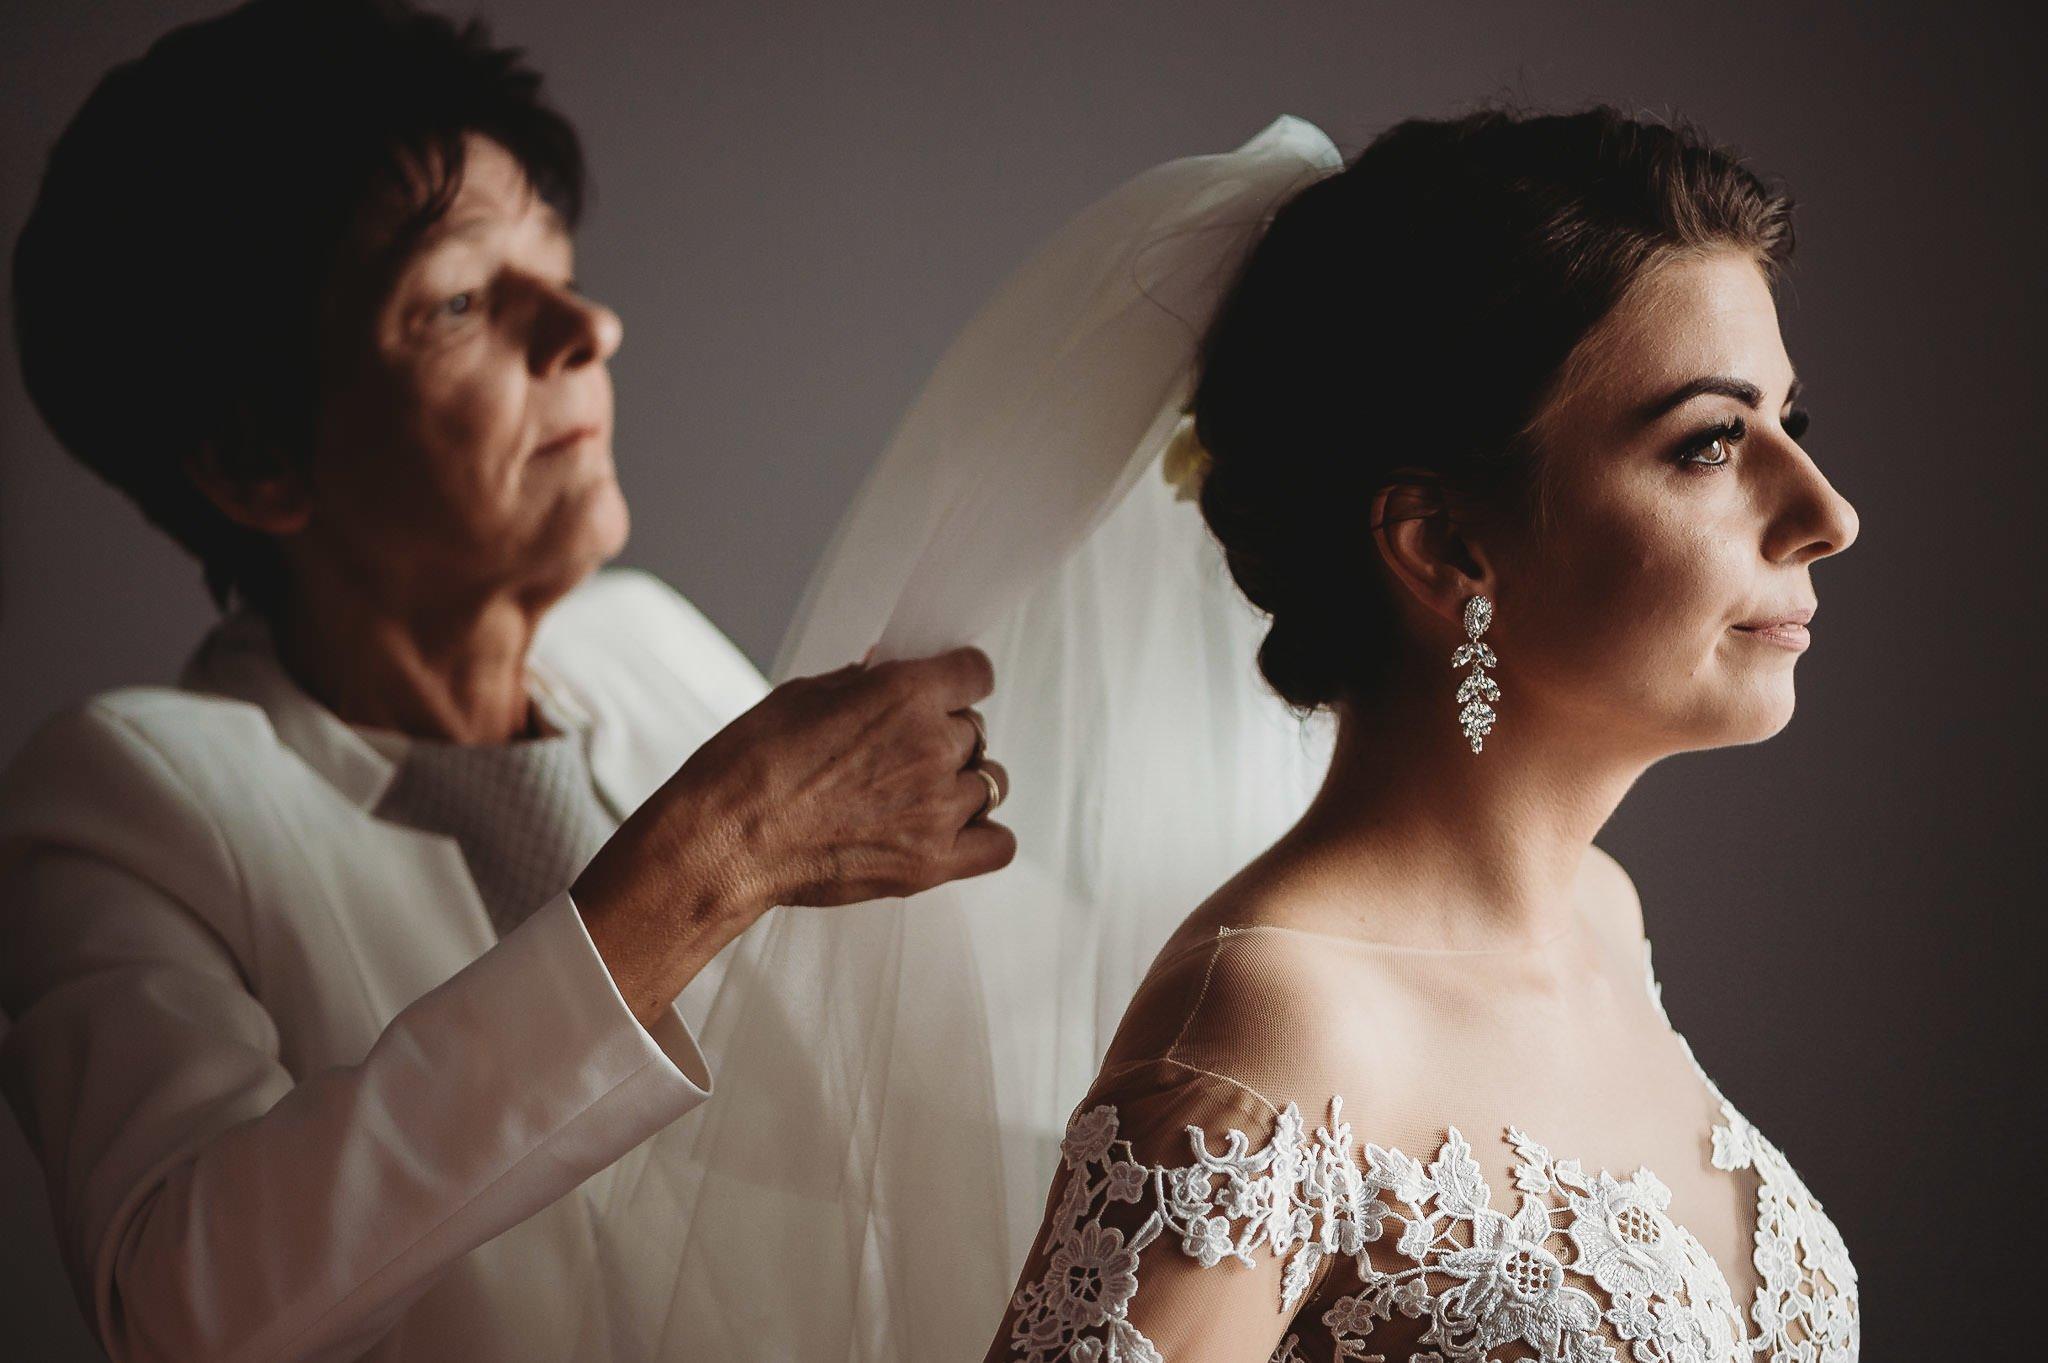 Angelika i Michał, piękne zdjęcia ślubne i sesja plenerowa w Gołuchowie 58